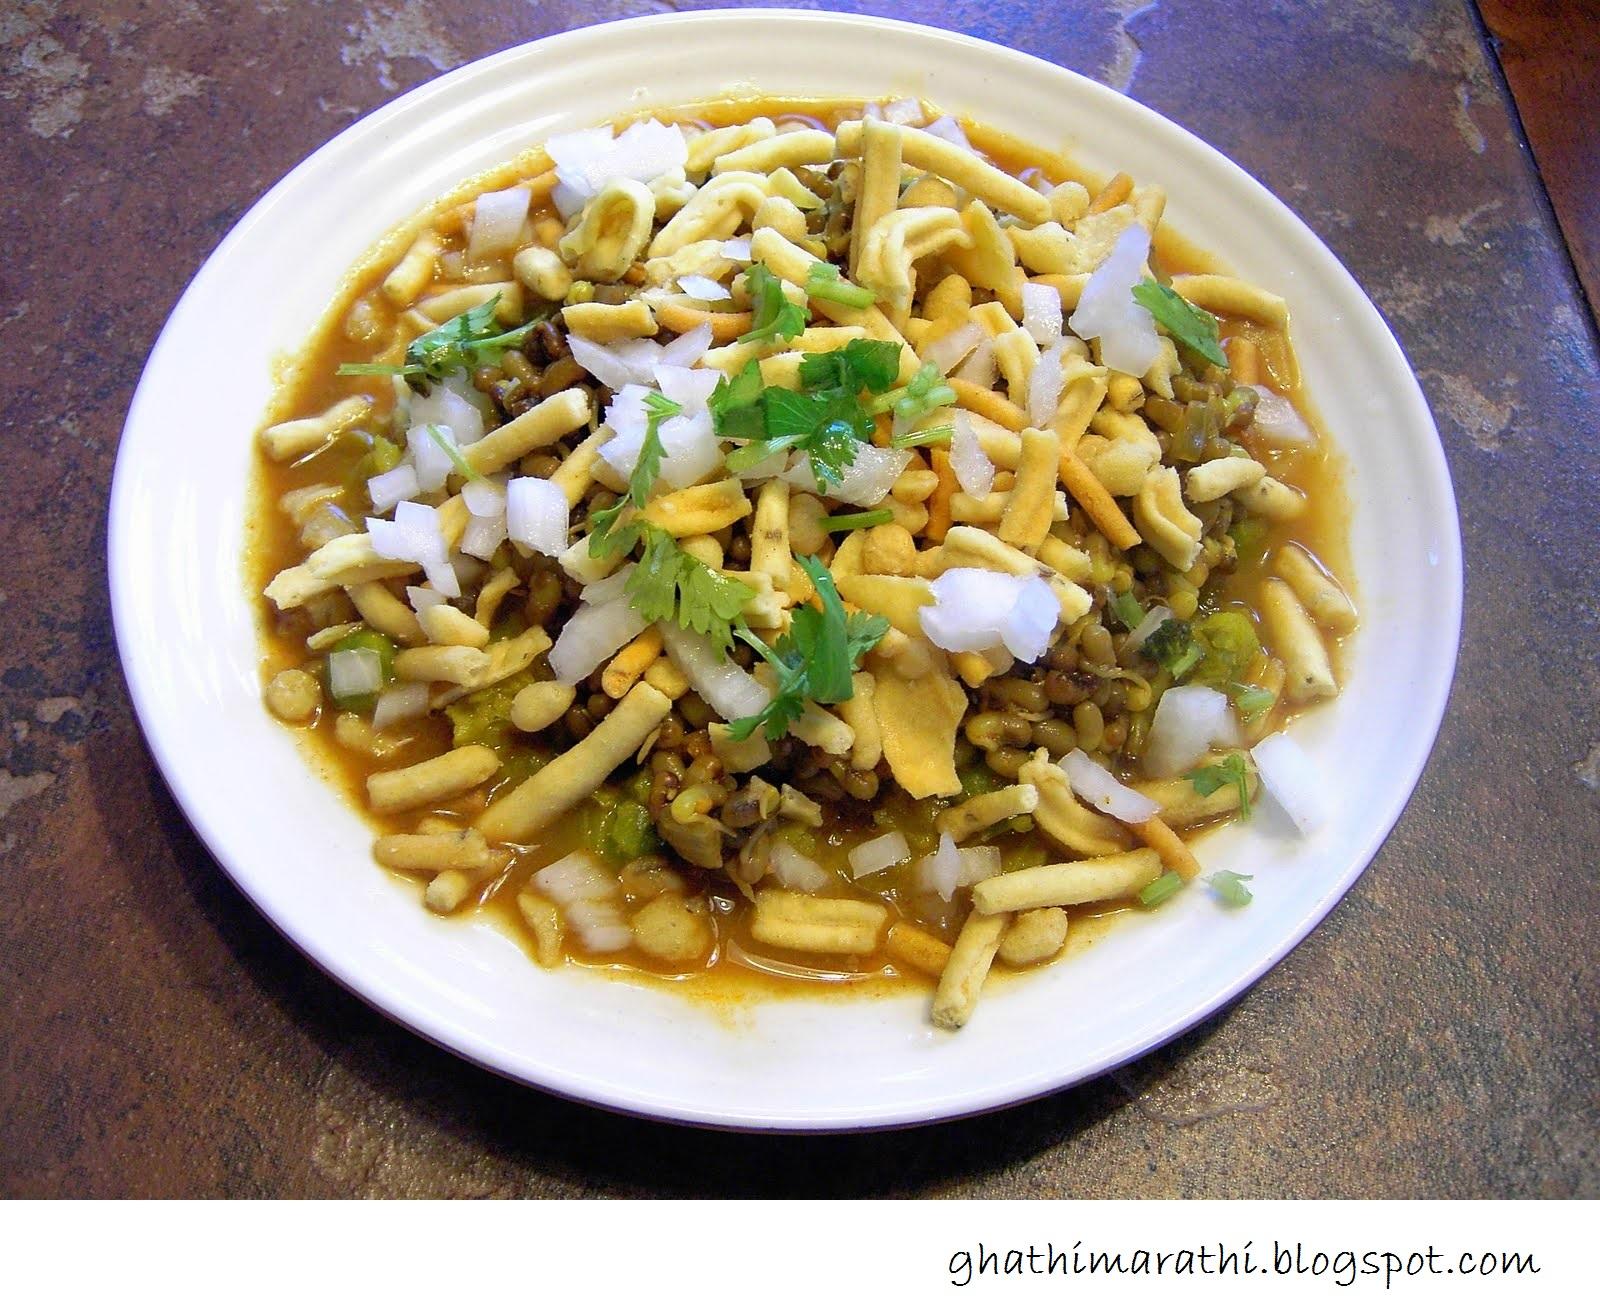 misal pav recipe   how to make maharashtrian misal pav recipe  Misal Pav Recipe In Marathi